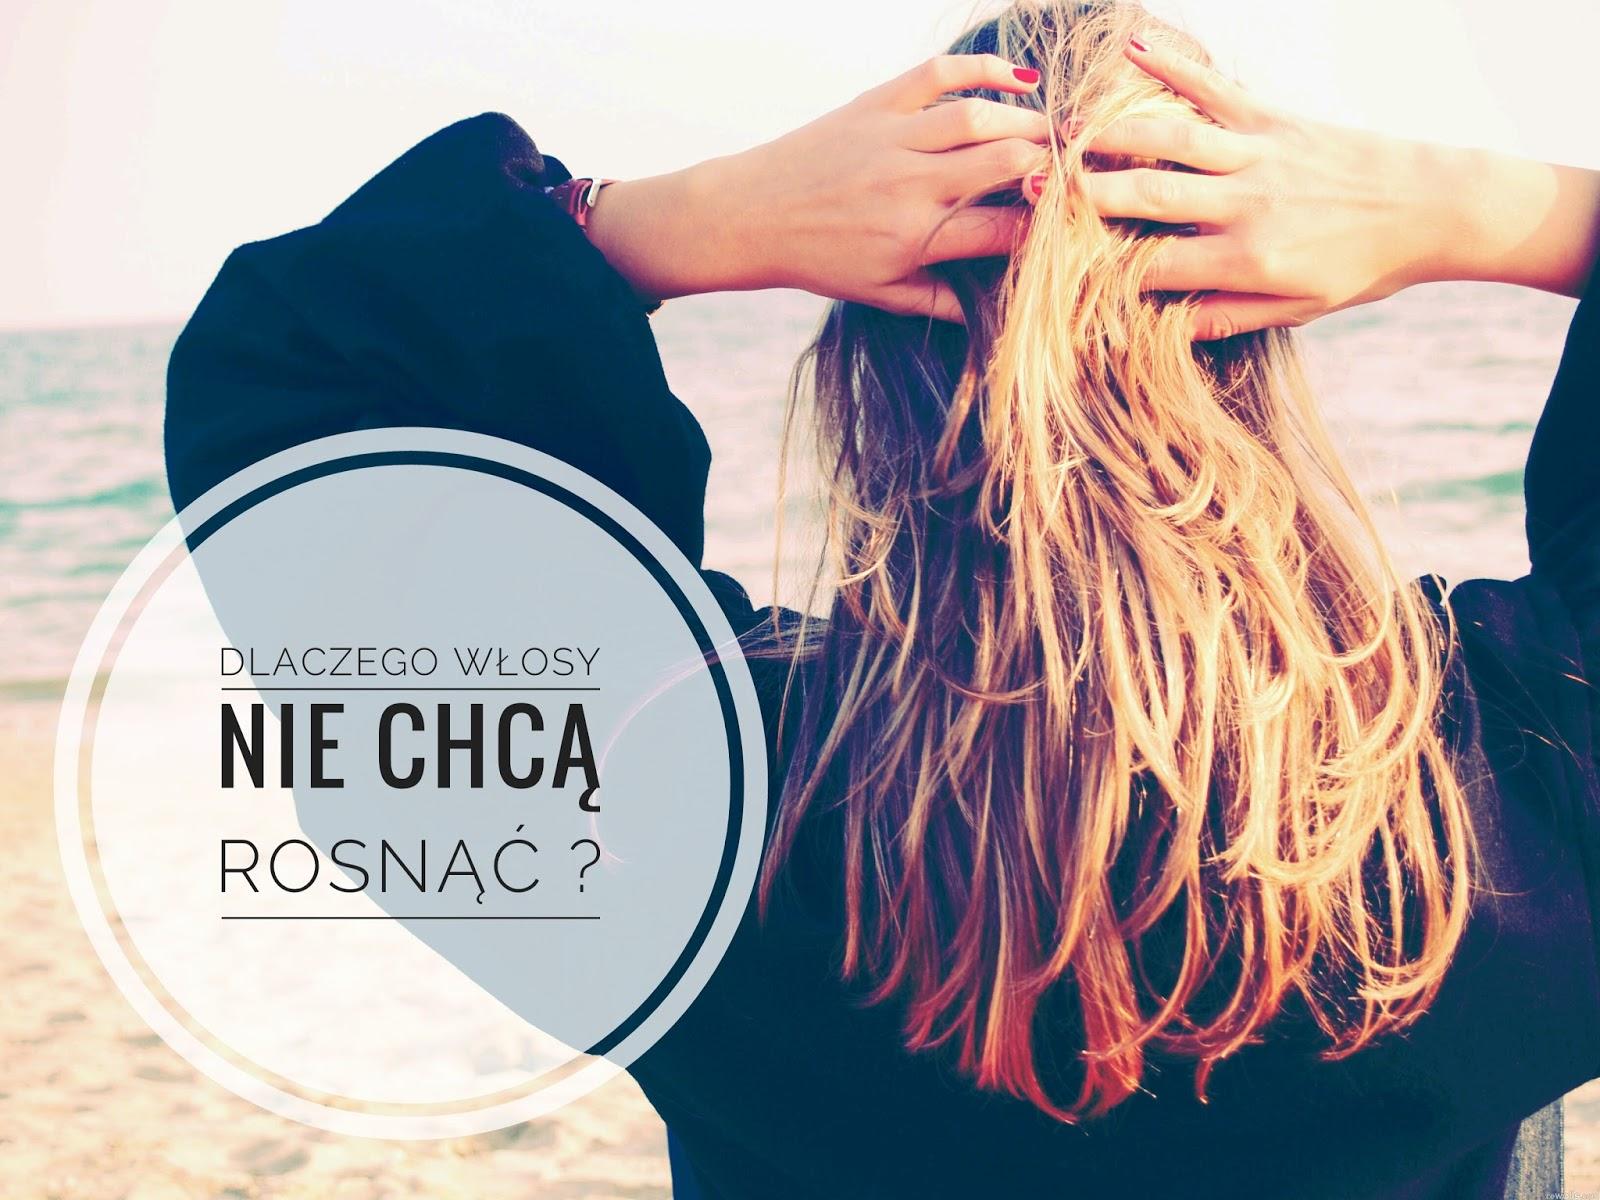 Dlaczego włosy nie chcą rosnąć?